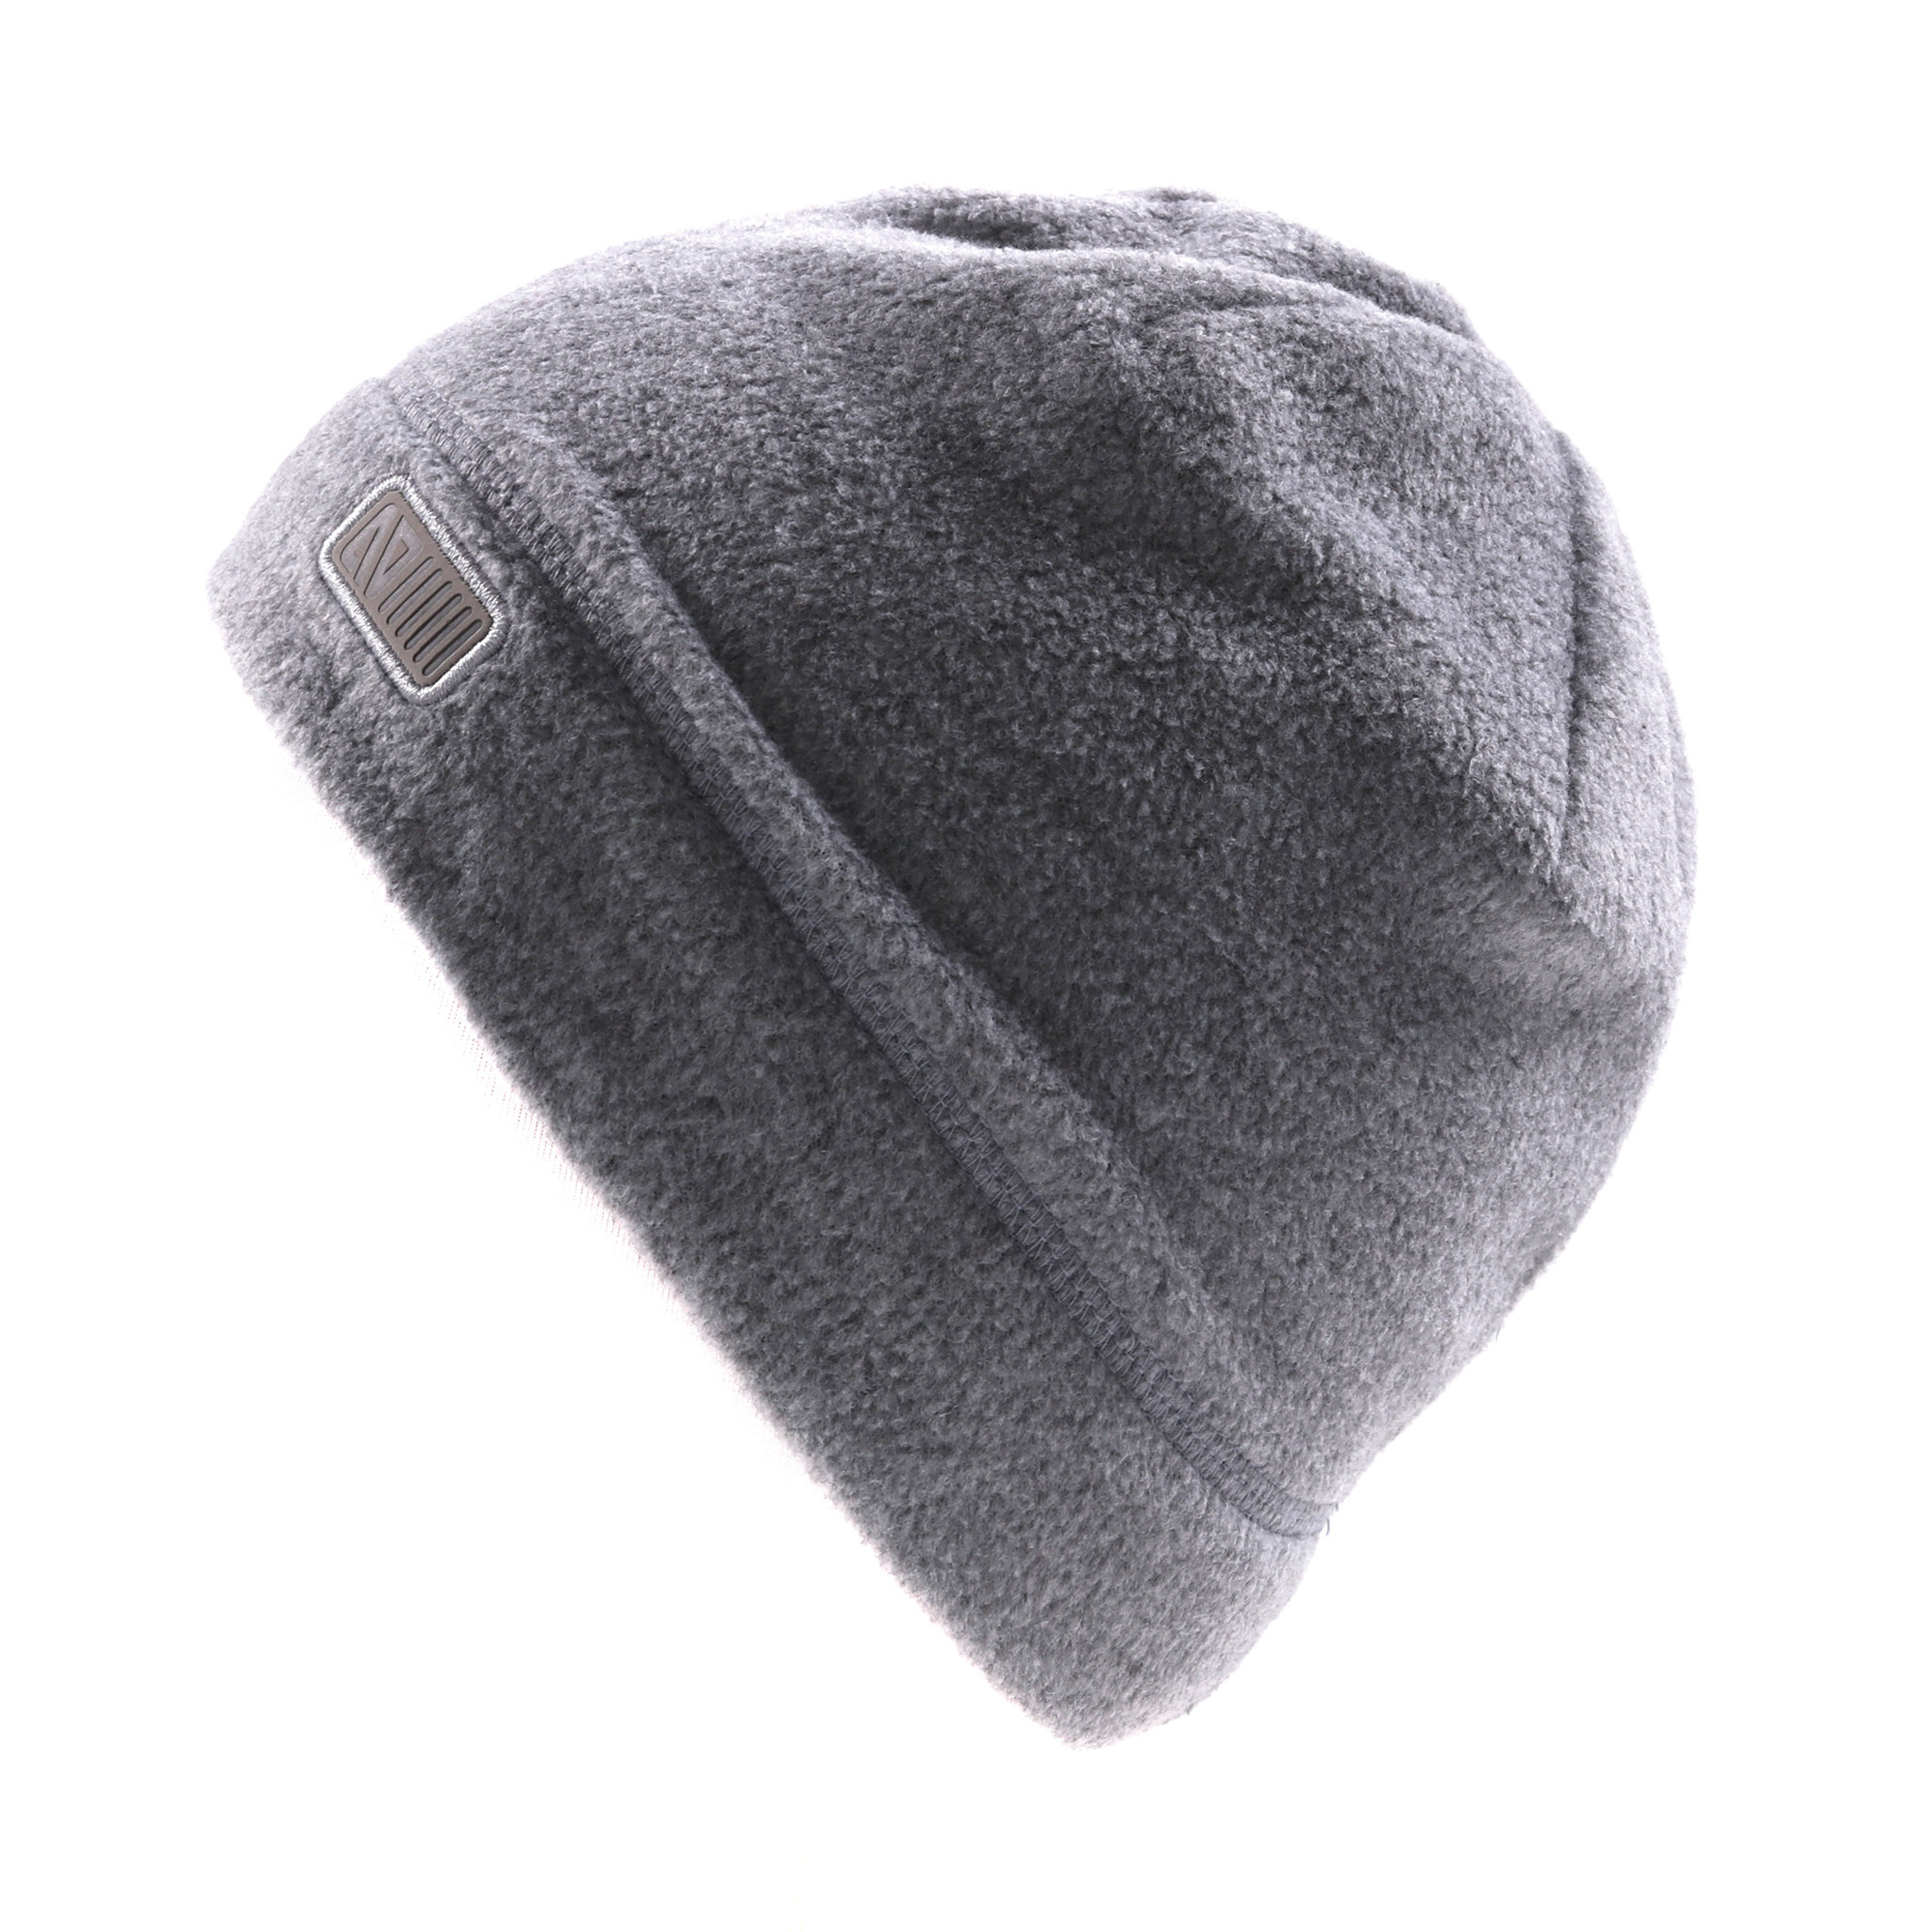 Tuque en polar sans oreilles Grise-2